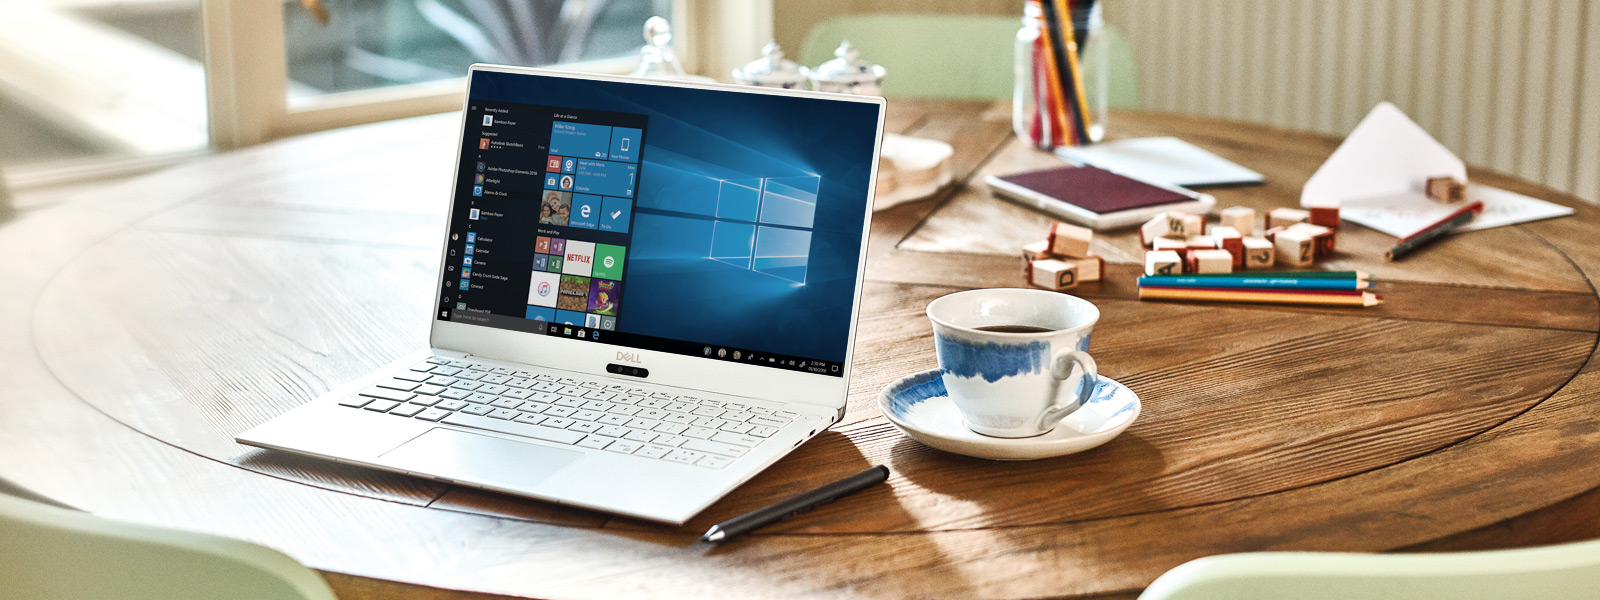 Egy Dell XPS 13 9370 laptop látható felnyitva egy asztalon, rajta a Windows 10 kezdőképernyőjével.